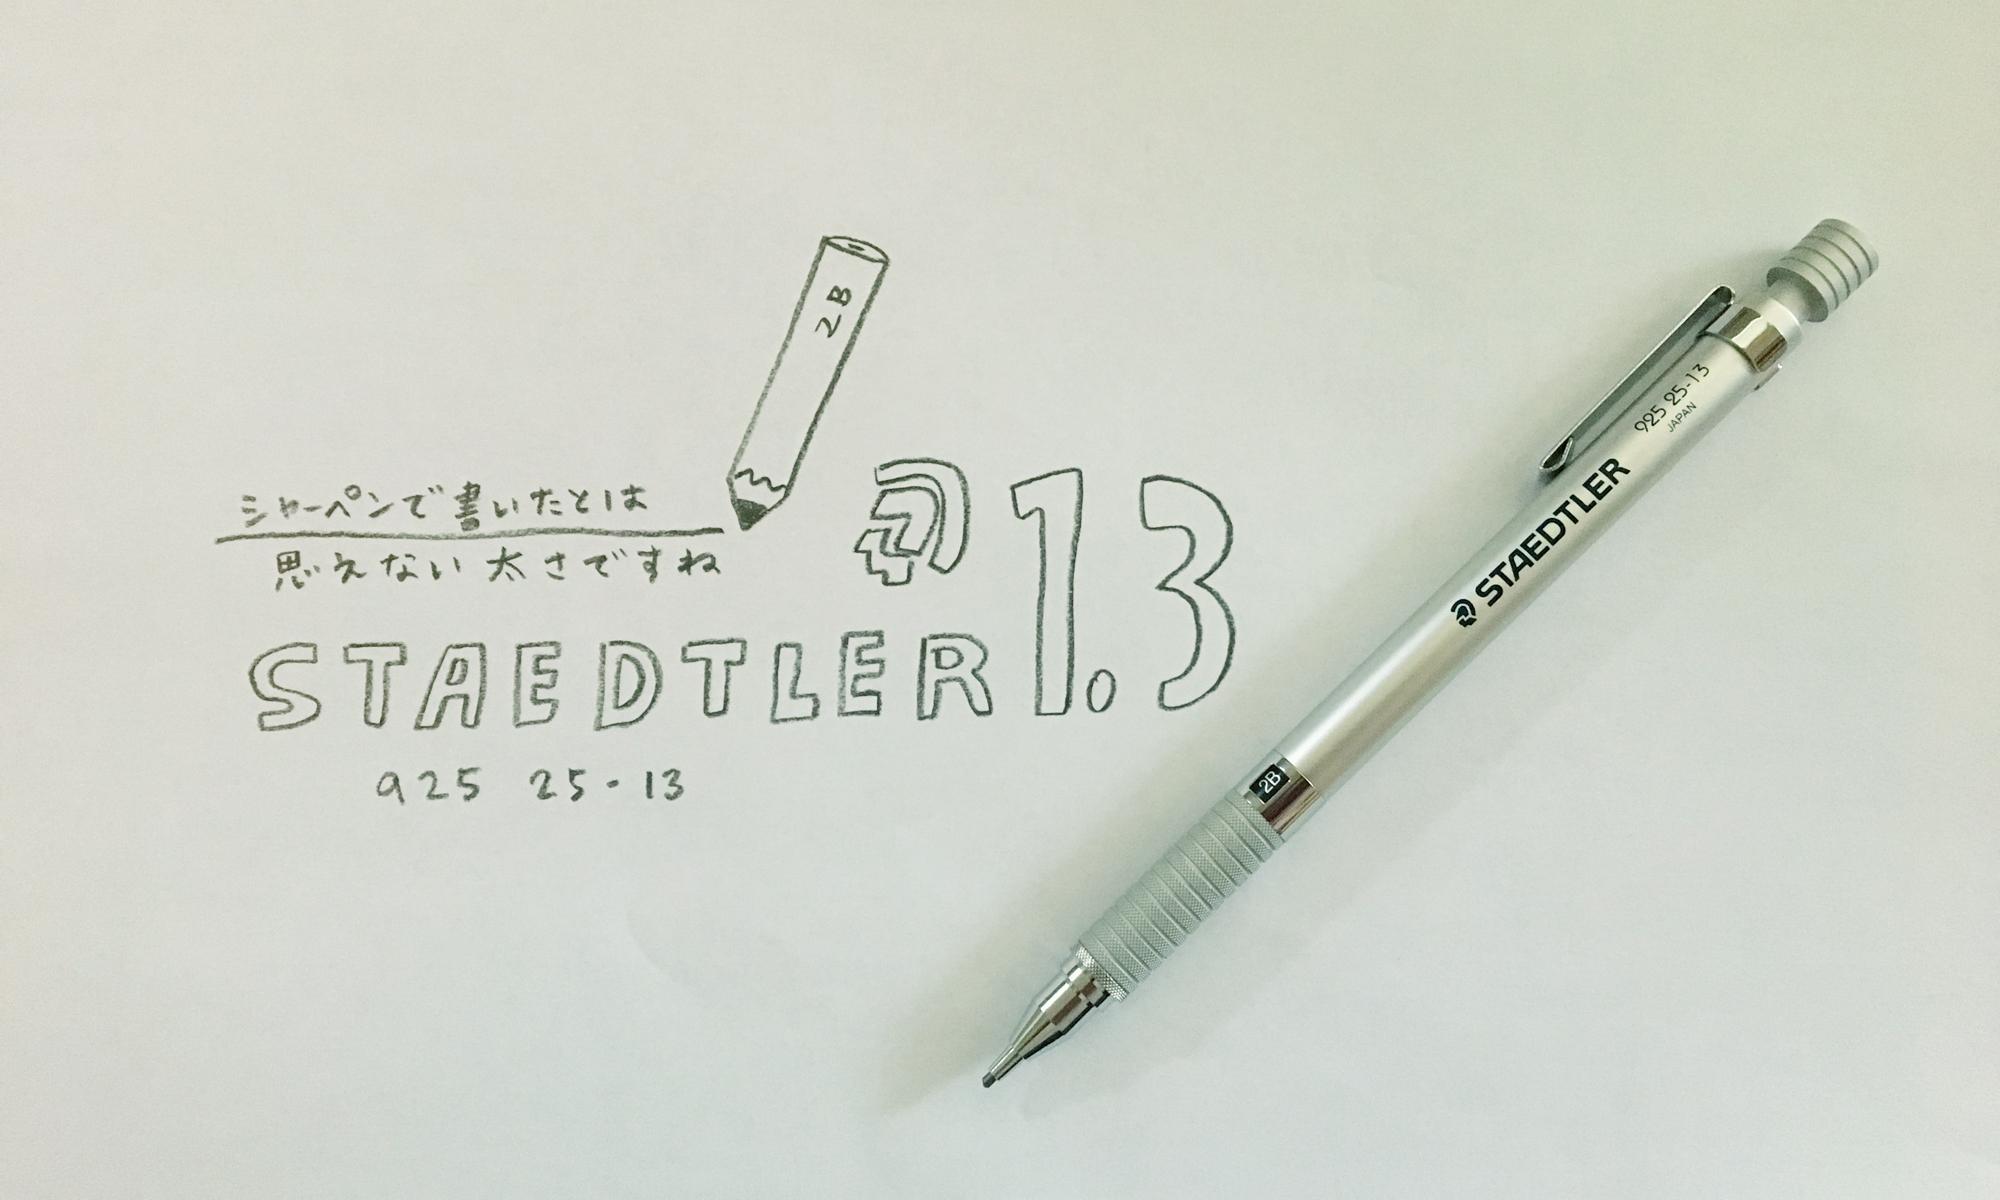 シャーペンだけど鉛筆みたいな描きごこち【ステッドラー1.3mm】